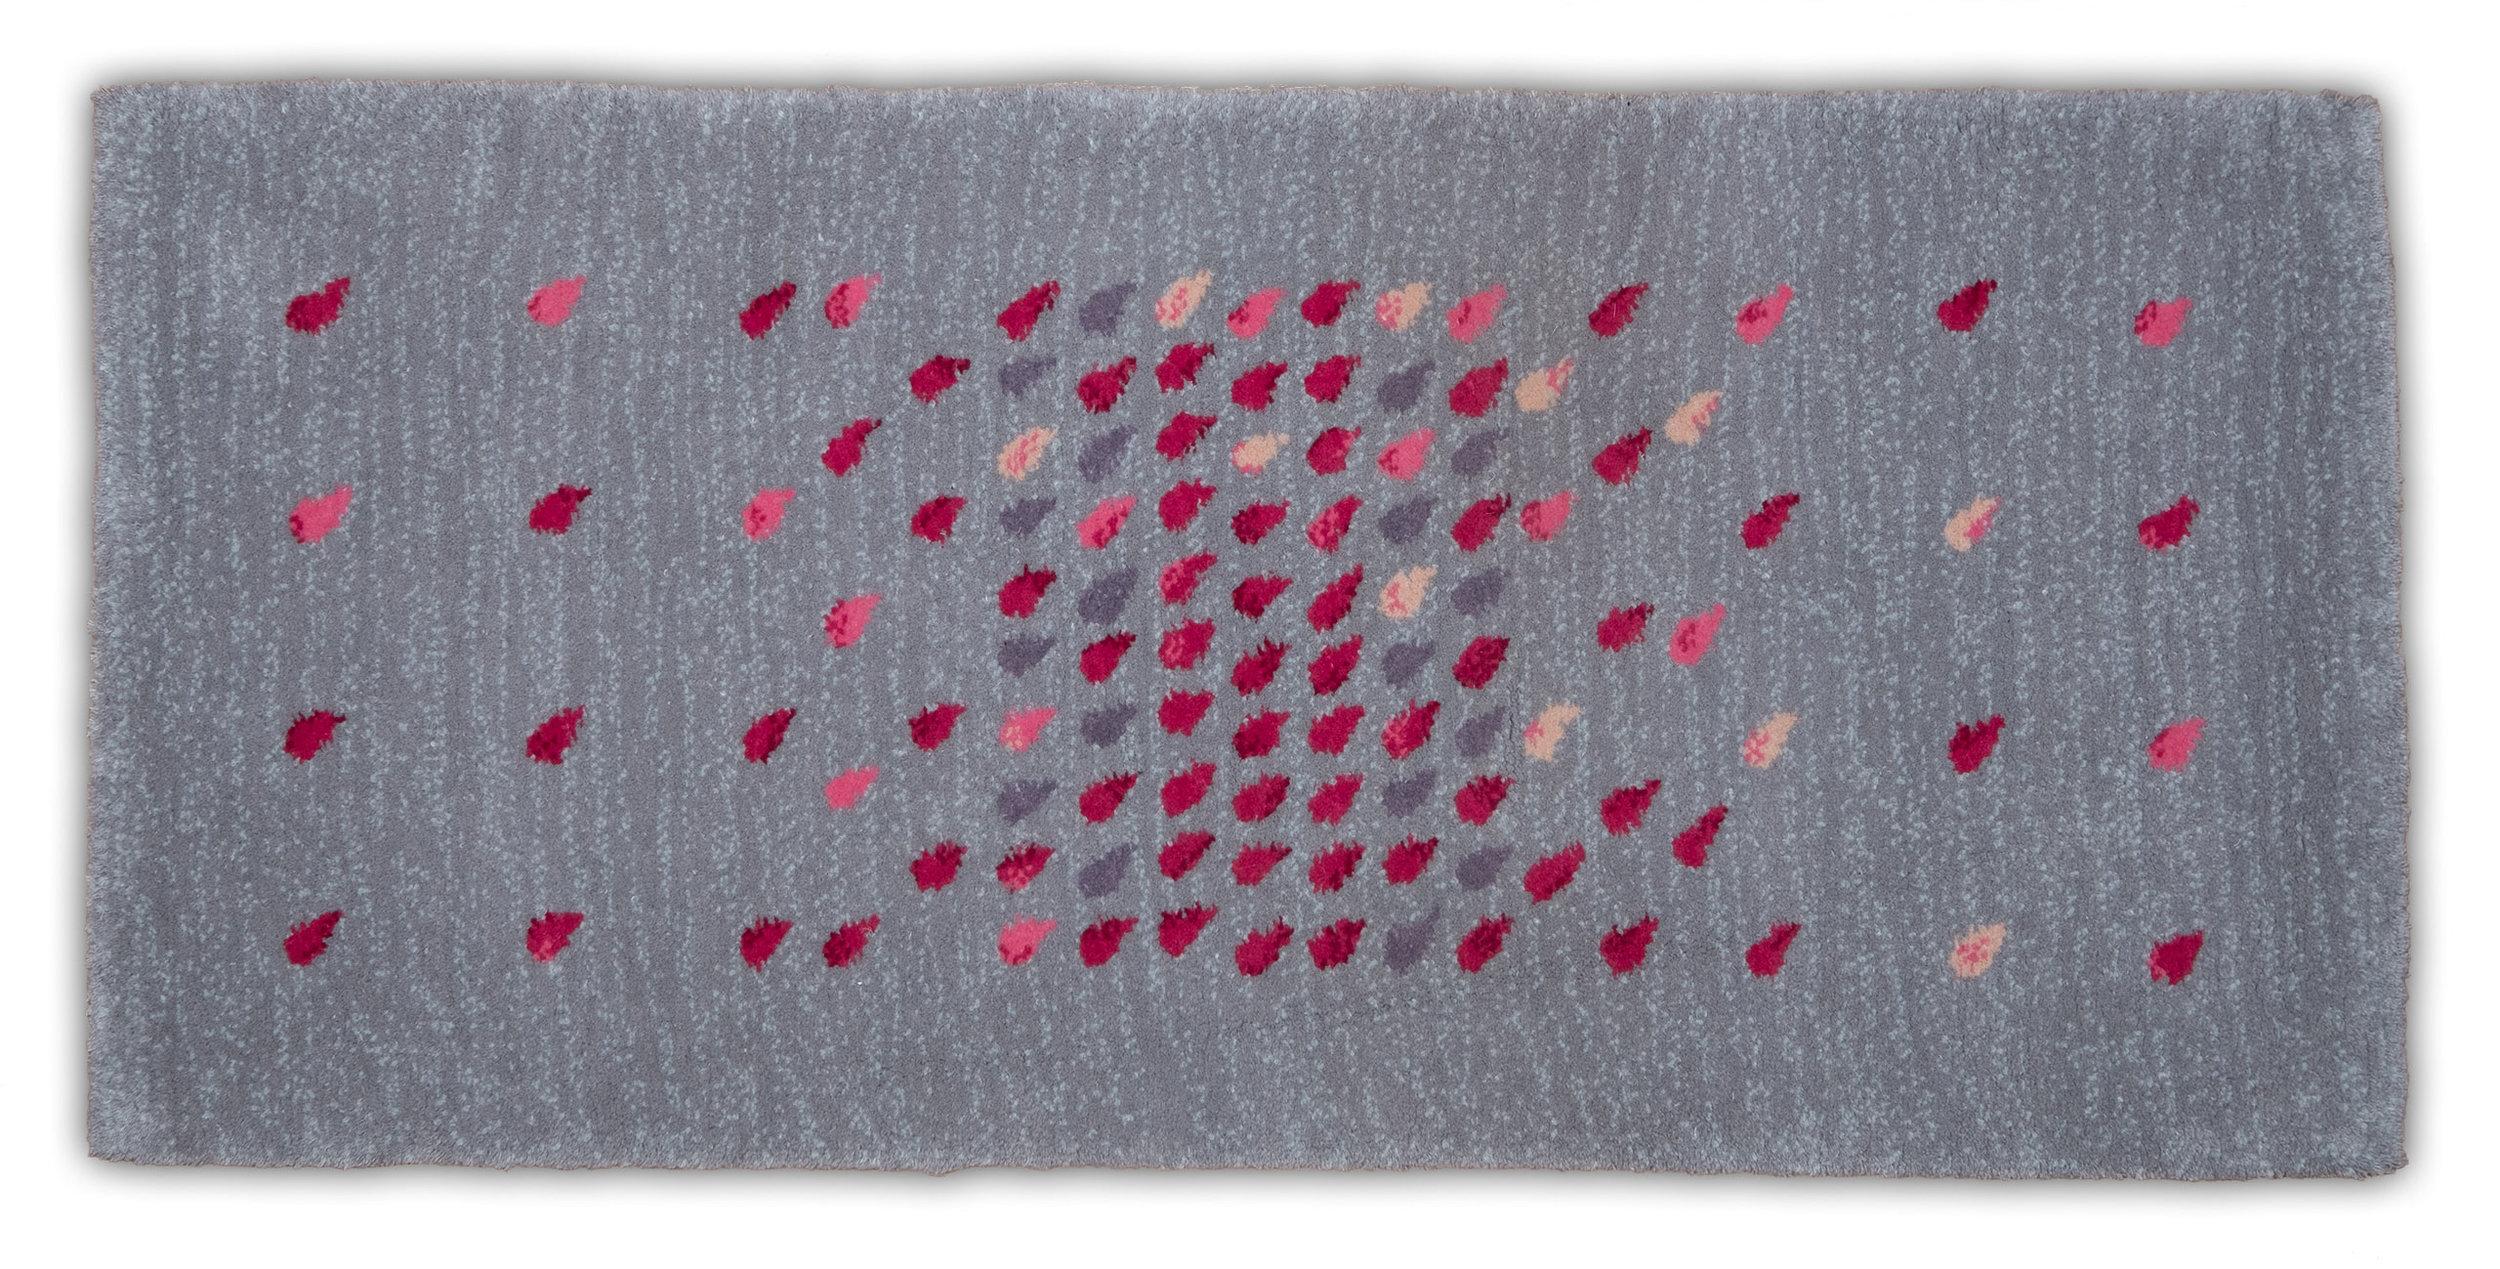 SZIRMOK - Tervező: Surján KornéliaGyártó: Art Kelim - BékésszentandrásMéret: 75 cm x 160 cmTechnika: Kézi csomózás – 50.000/nm csomósűrűségAnyaghasználat: GyapjúTermékismertető: Célom, hogy szőnyegemmel harmóniát vigyek a térbe a rózsaszínek és a szürkék lágyságával, a szirom motívumok elrendezésével és a csomózott felület eleganciájával.